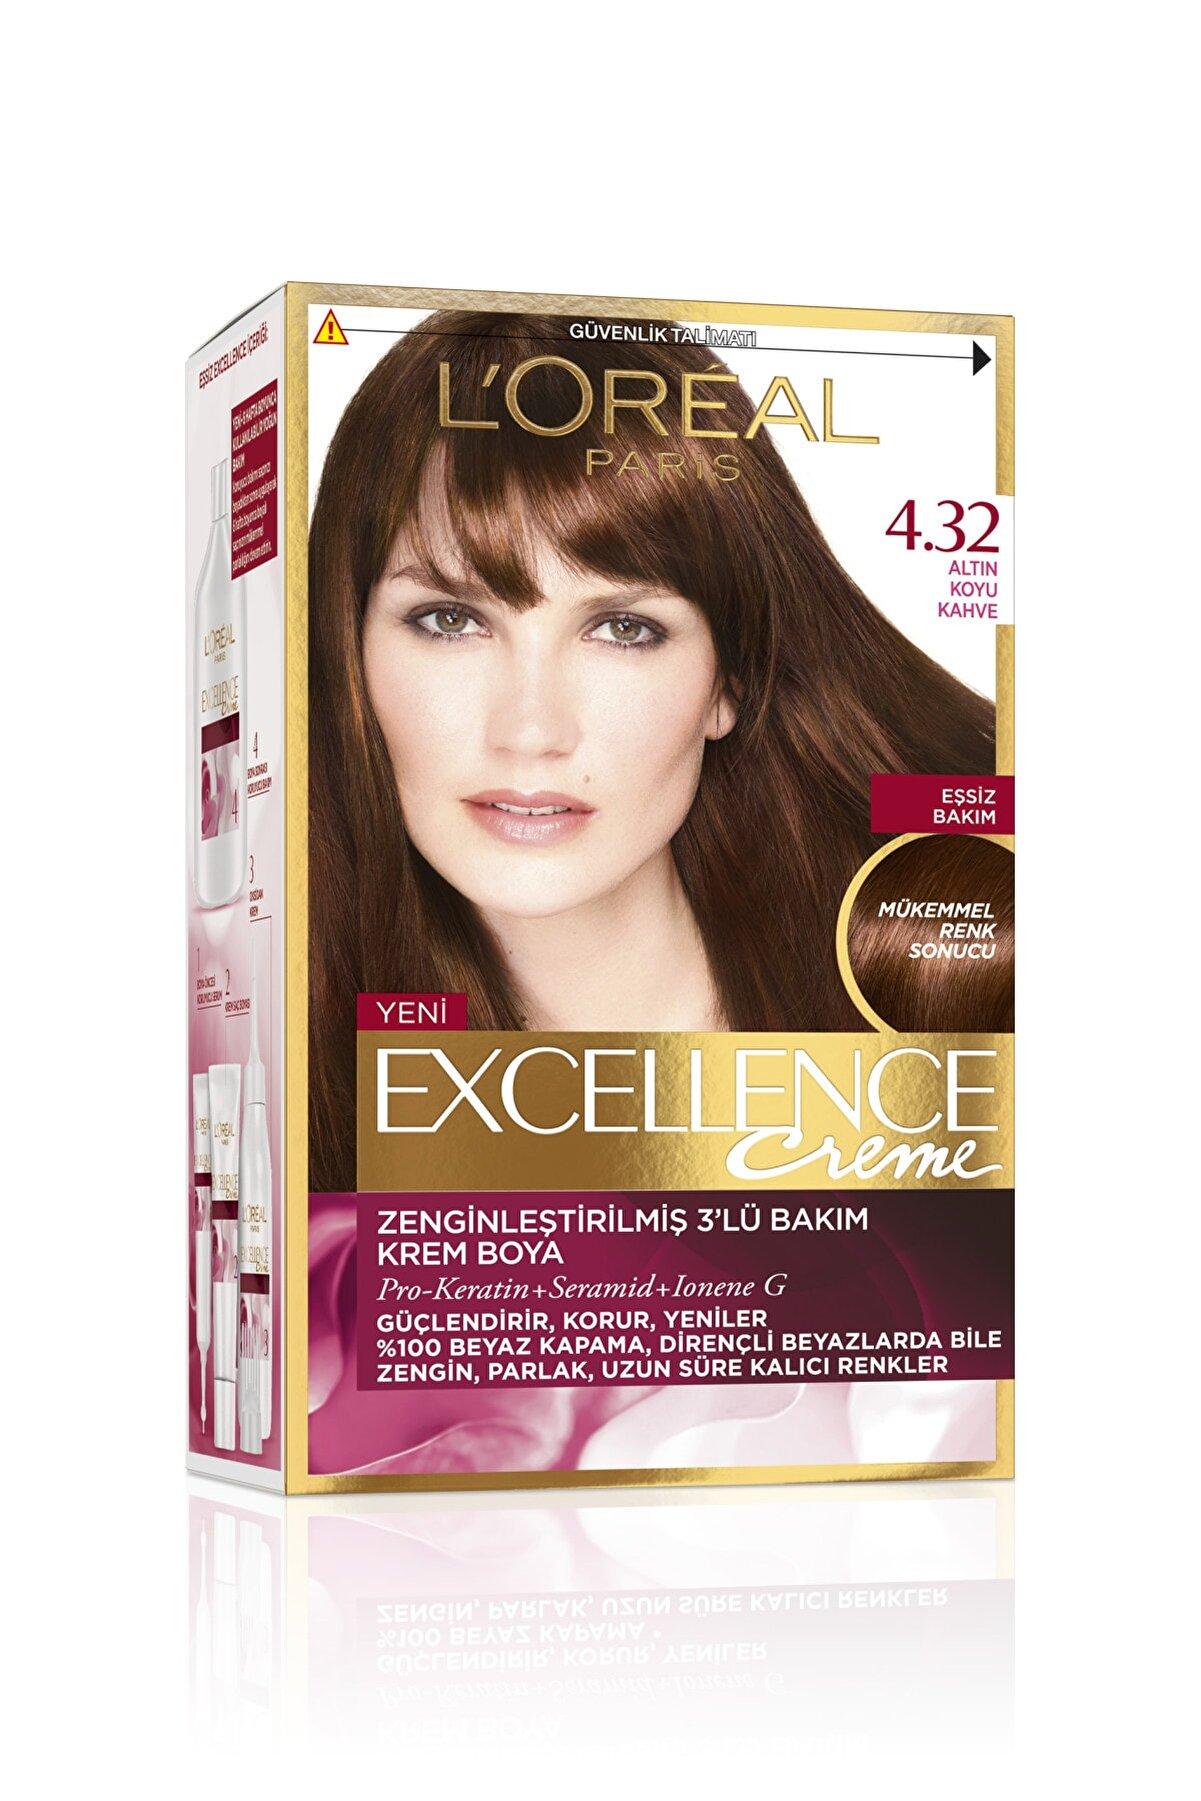 L'Oreal Paris Saç Boyası - Excellence Creme 4.32 Altın Koyu Kahve 3600522378037